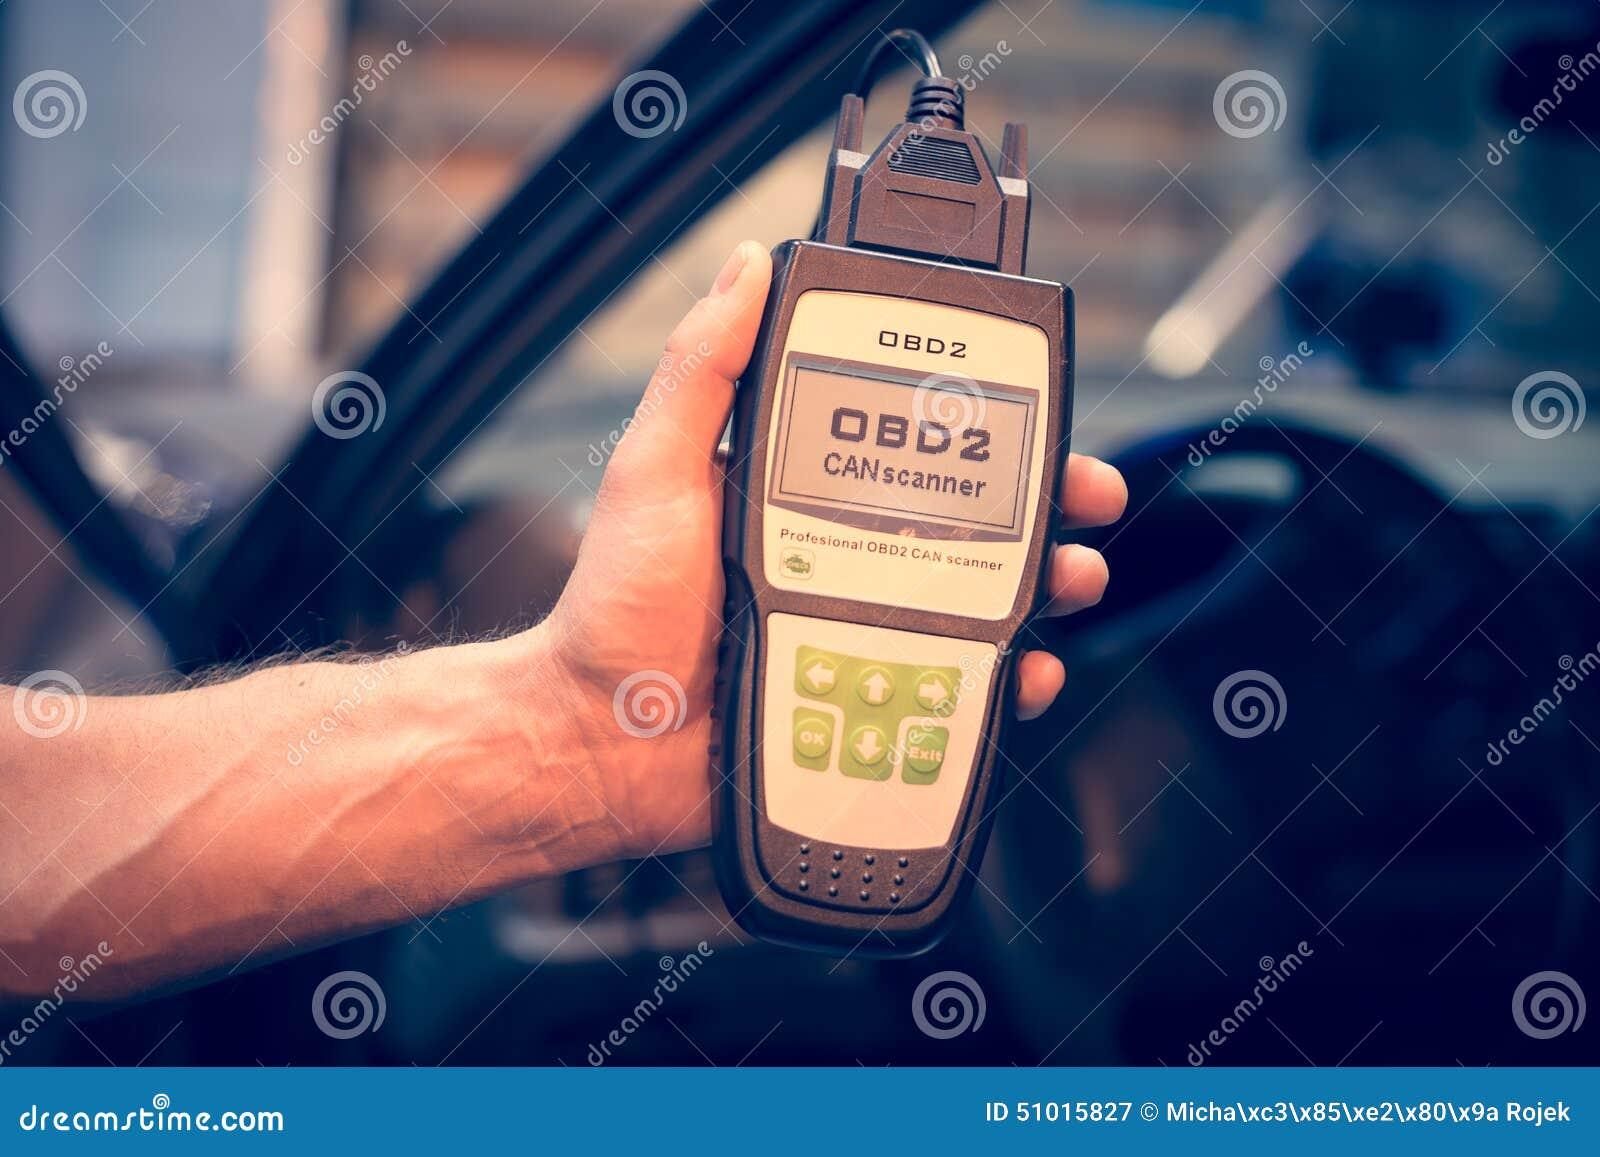 Παραγωγή των διαγνωστικών αυτοκινήτων που χρησιμοποιούν τη συσκευή OBD